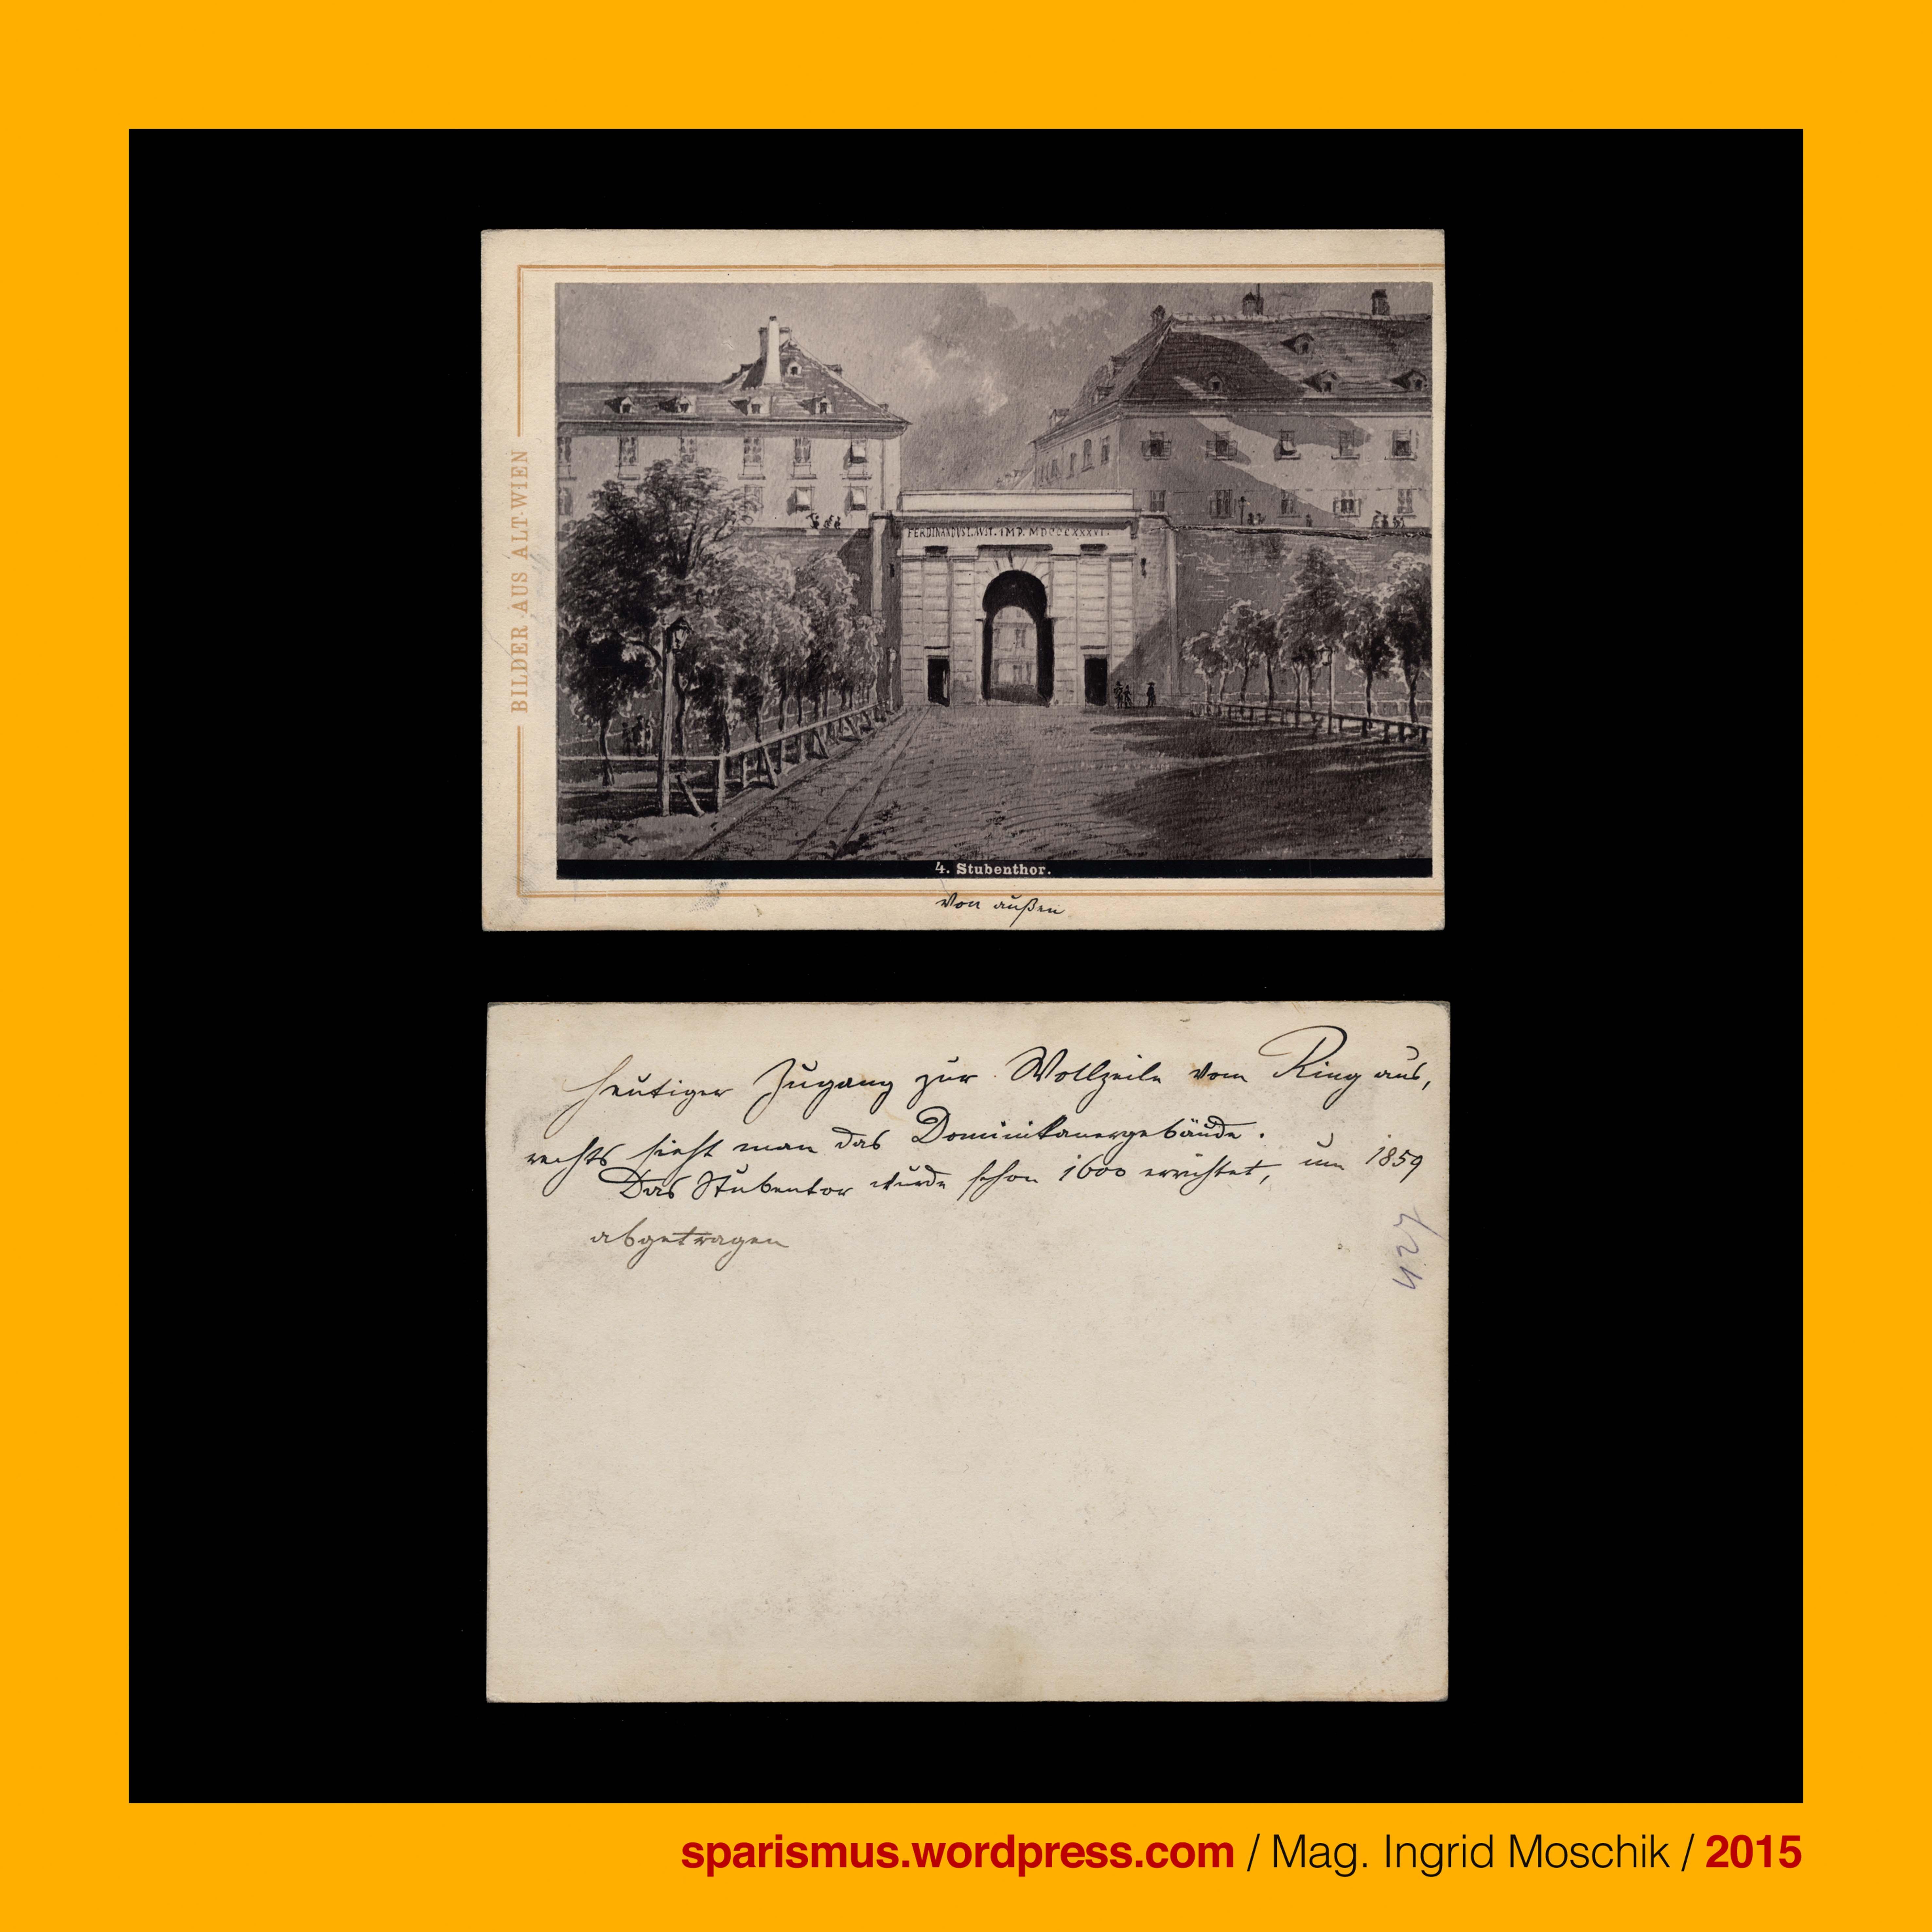 Verlag V A Heck M Frankenstein 1877 Bilder Aus Altwien 4